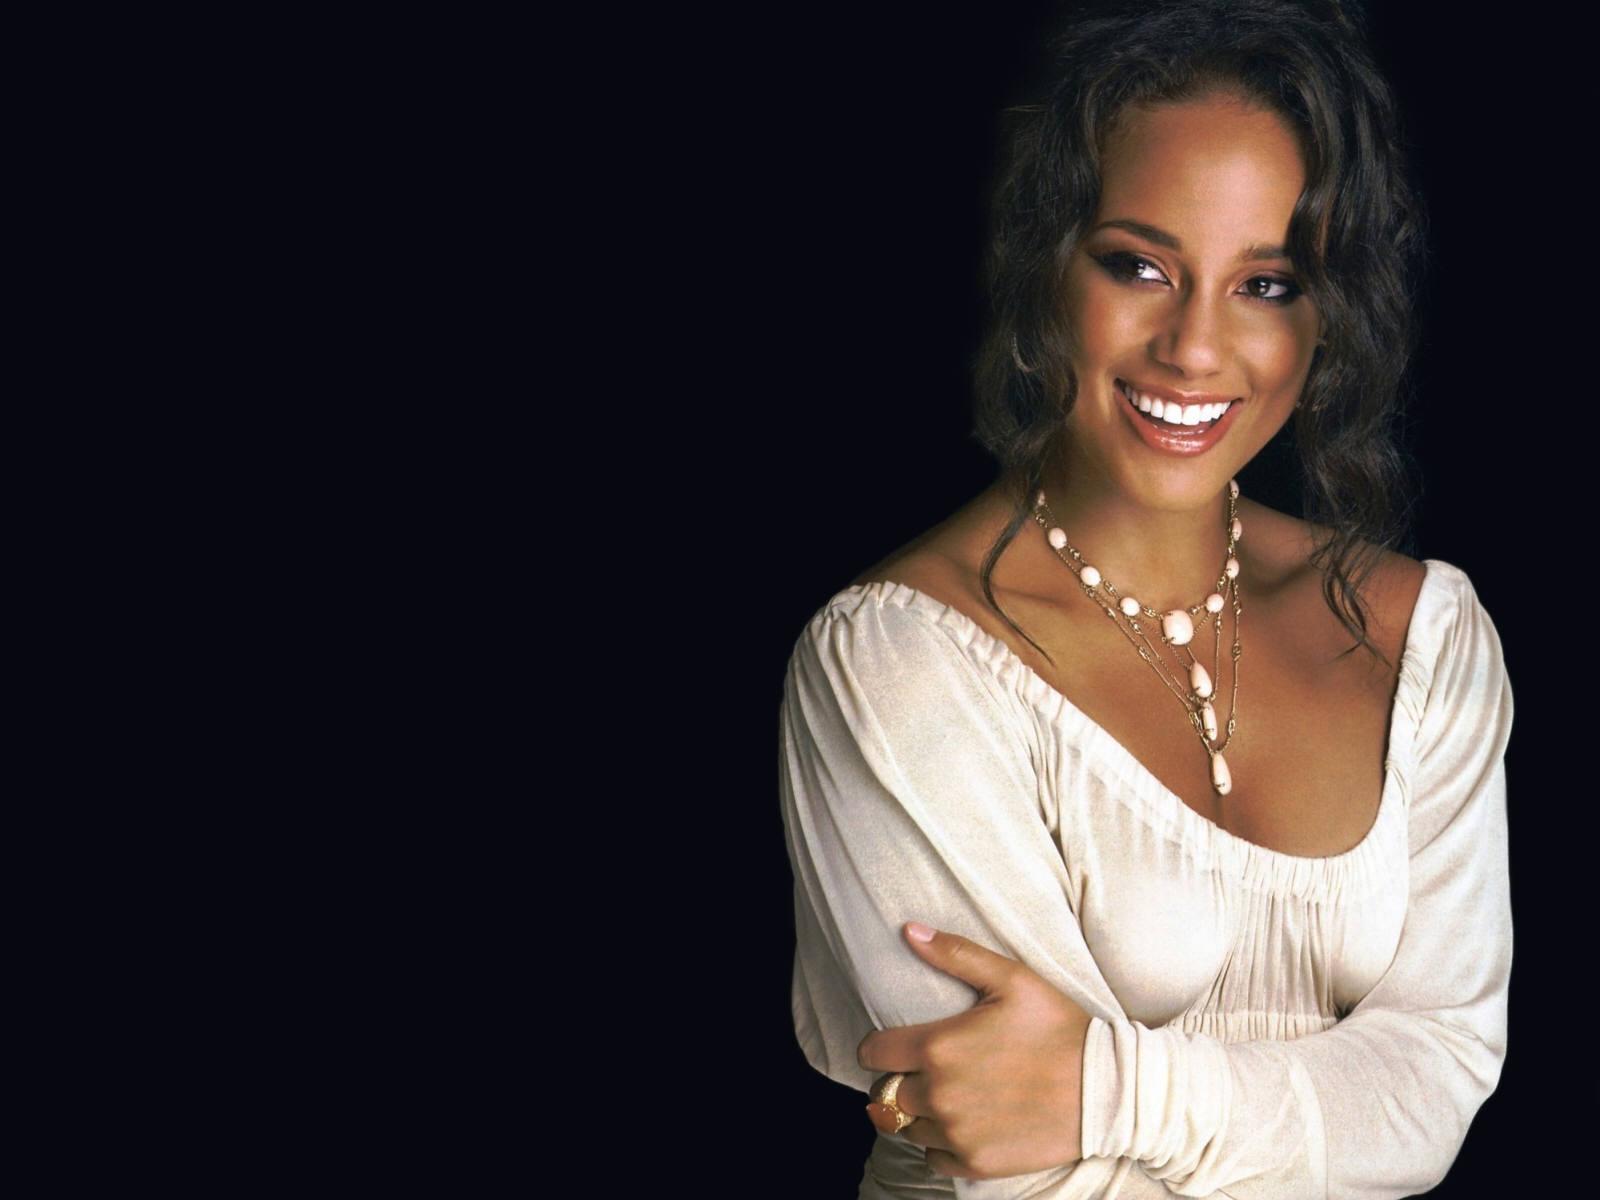 Singer Alicia Keys Pics, Alicia Pics 2011 | All Actress Hollywood Alicia Keys